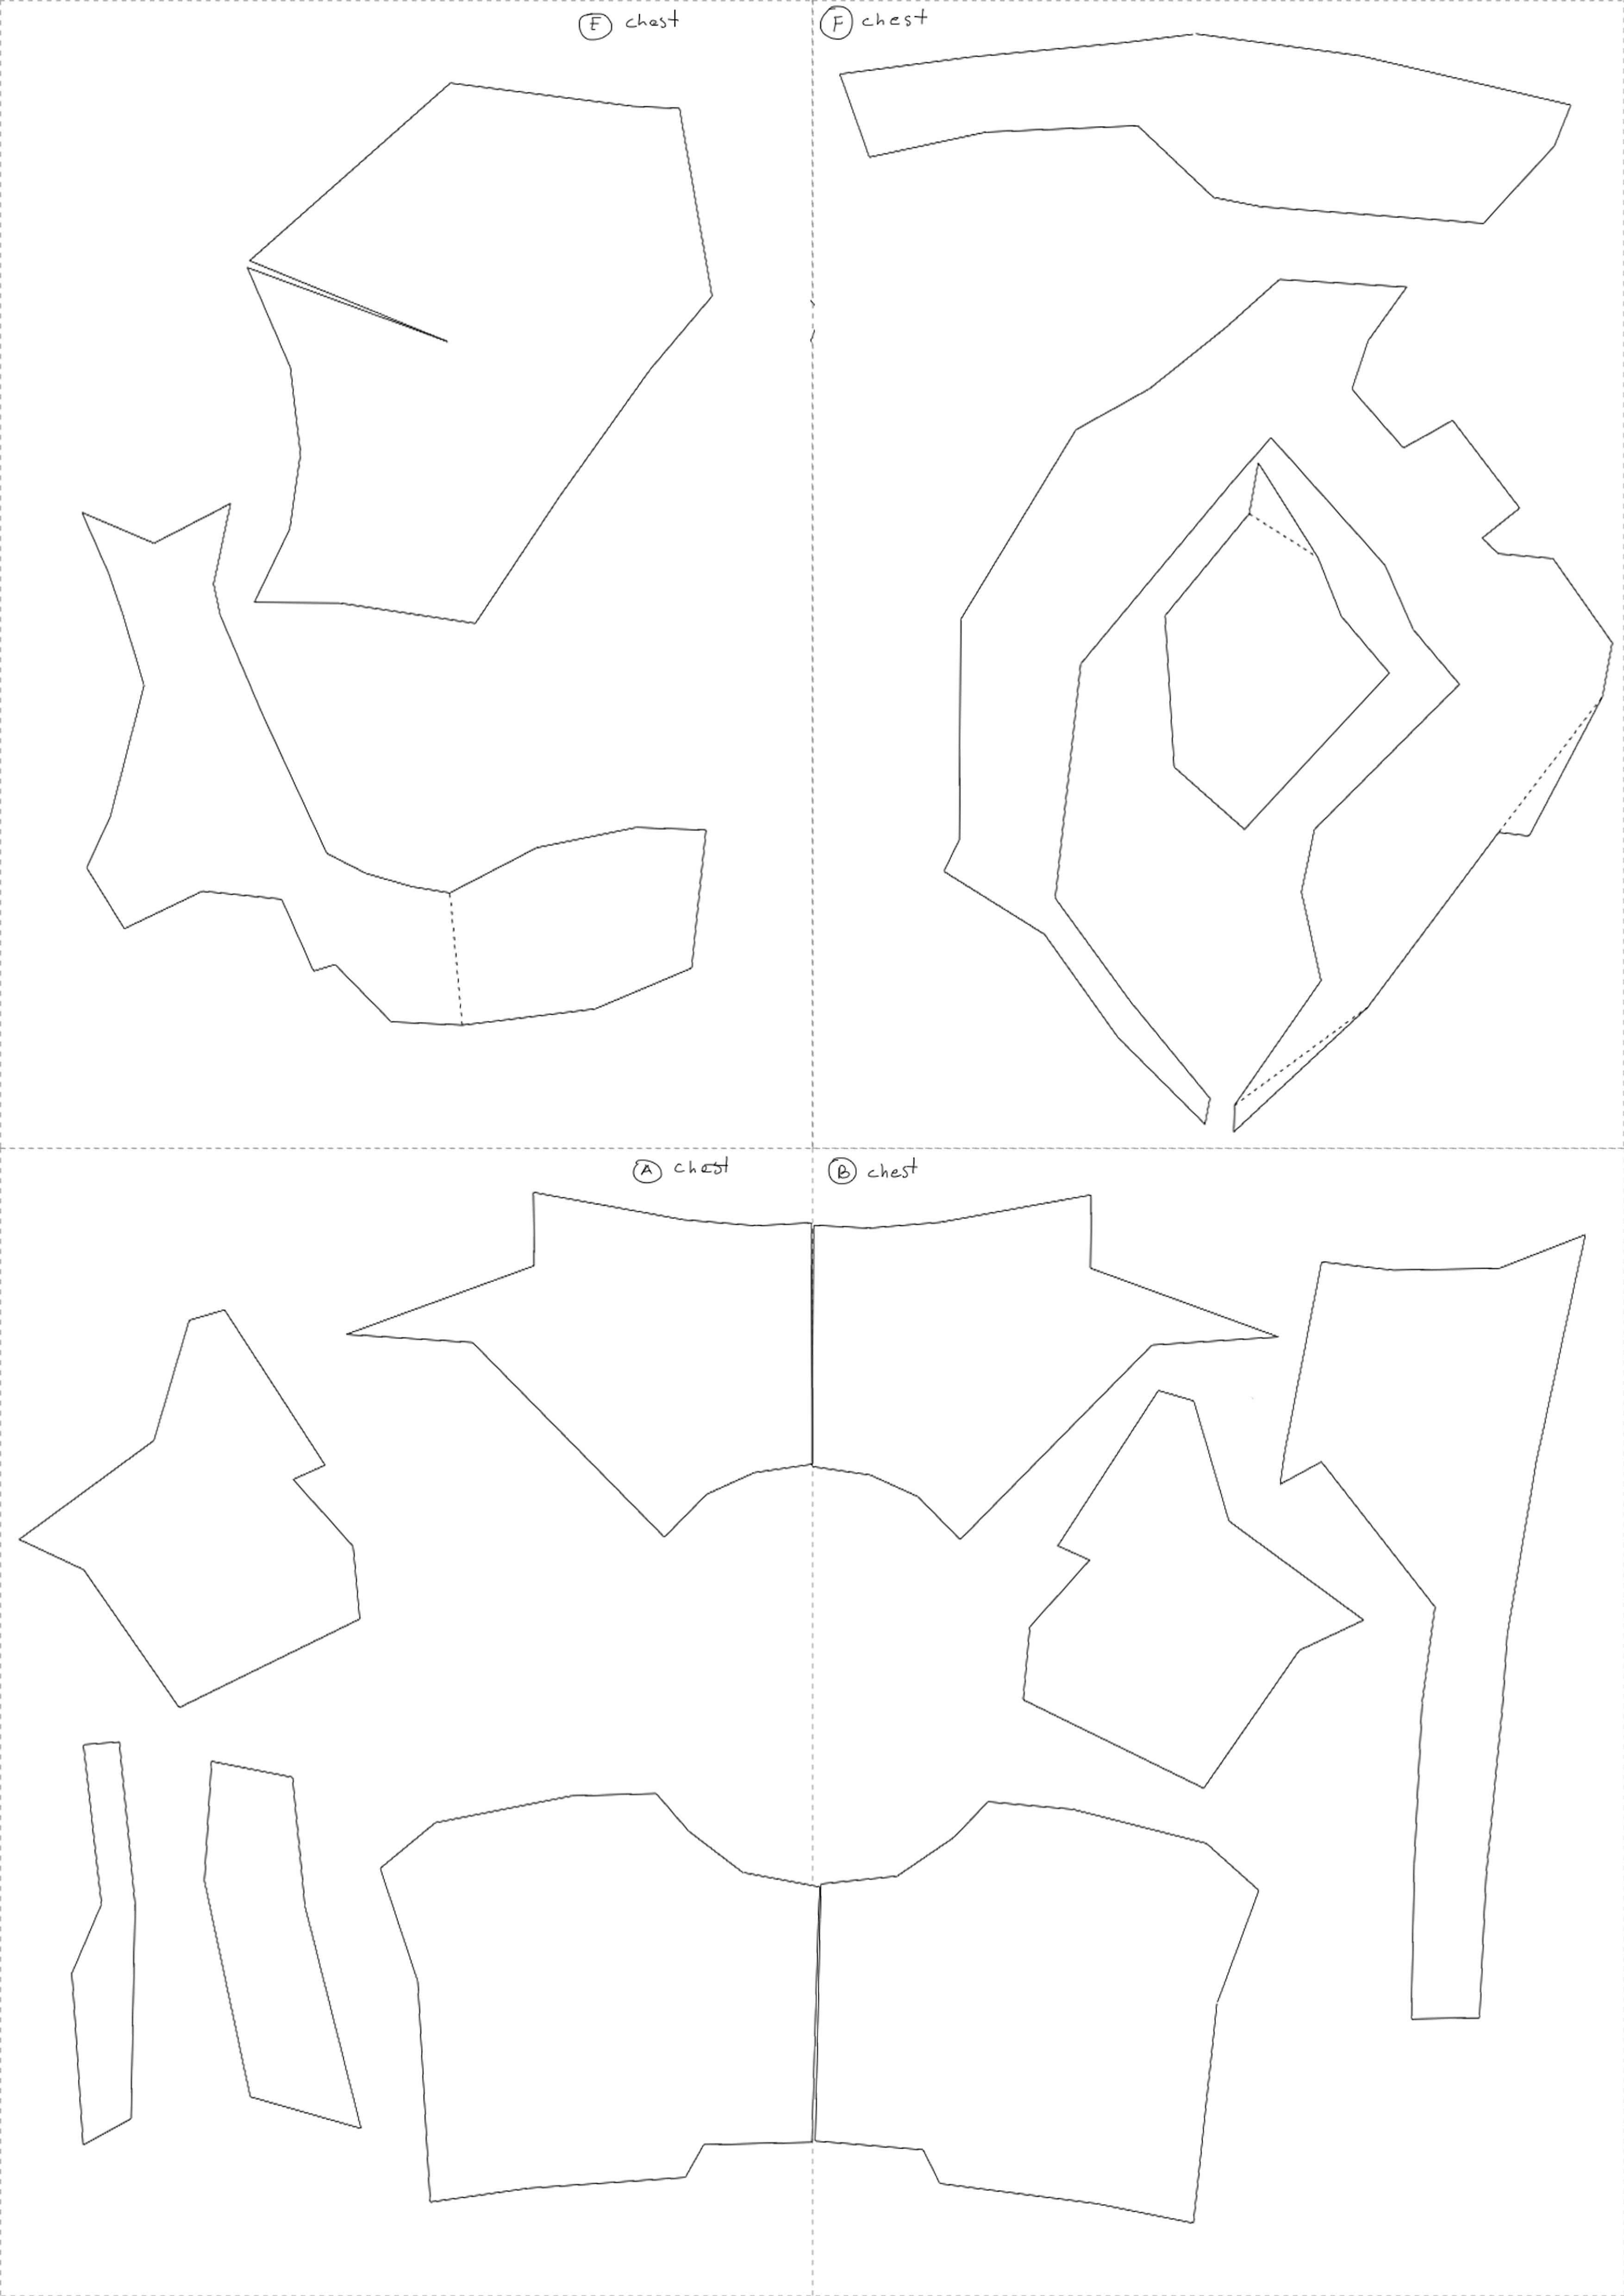 ... Iron Man Repulsor Arm Papercraft Template ...